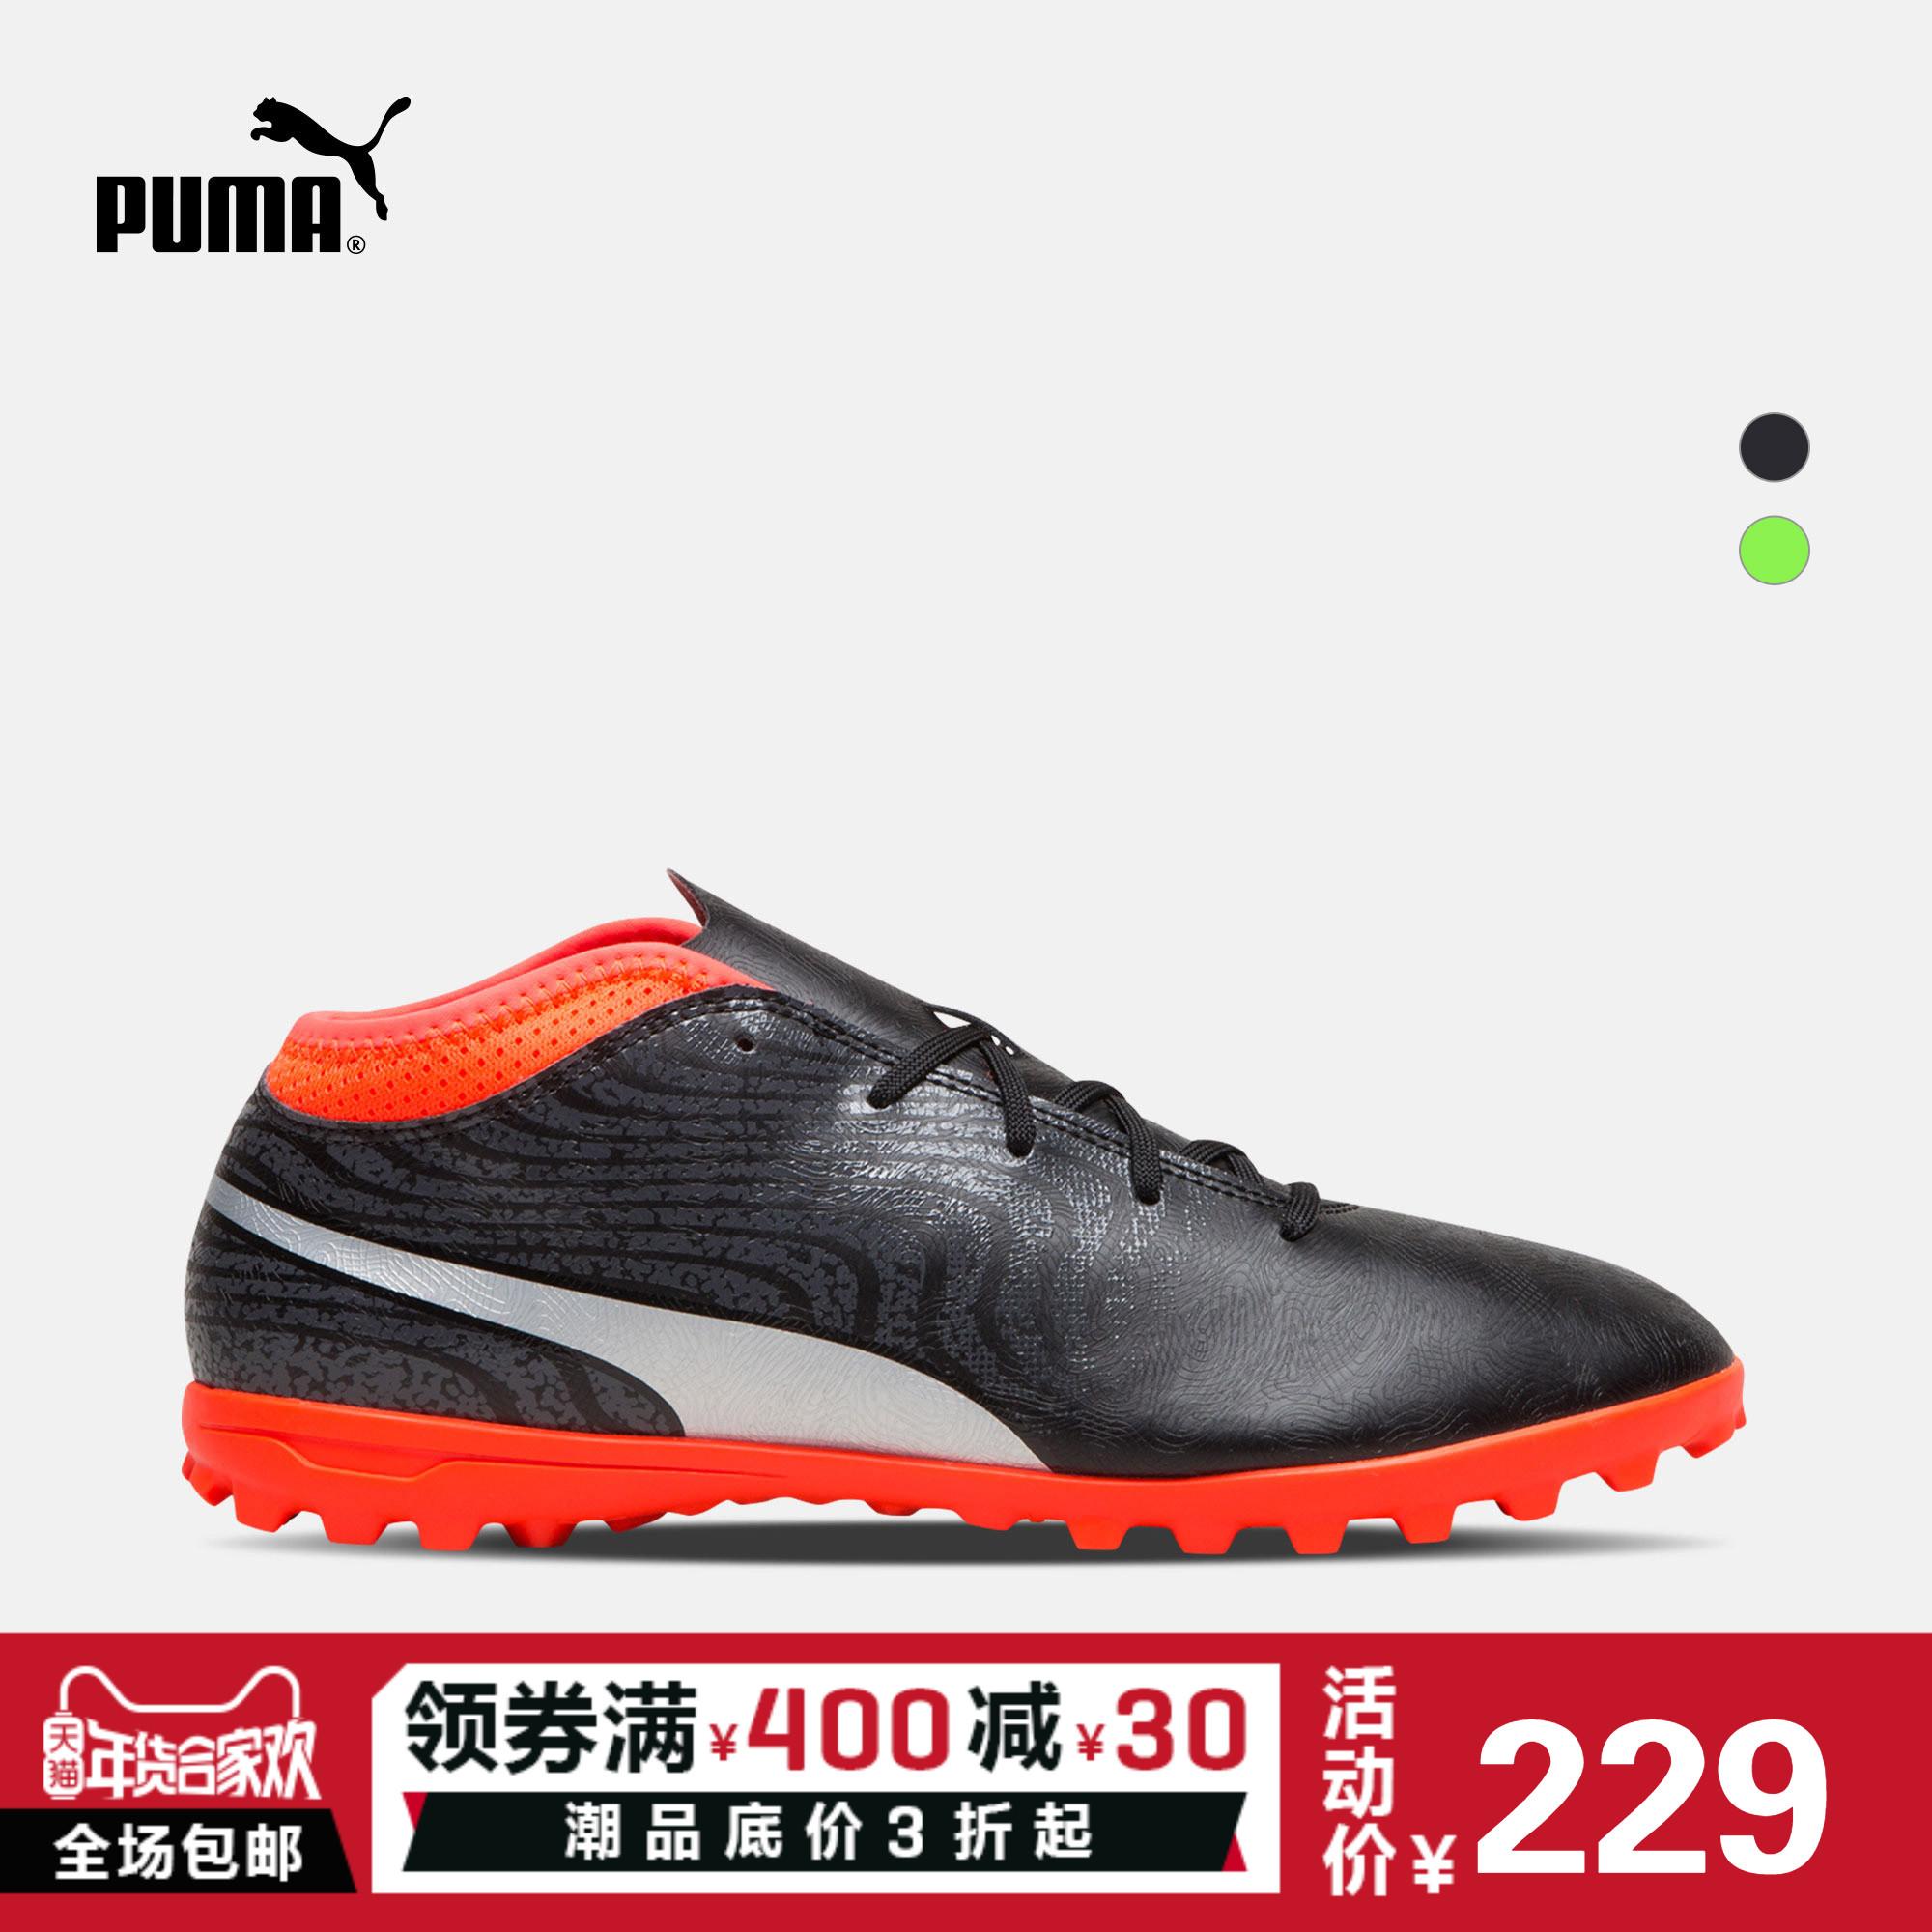 PUMA彪马官方 青少年足球鞋 PUMA ONE 18.4 TT 104562